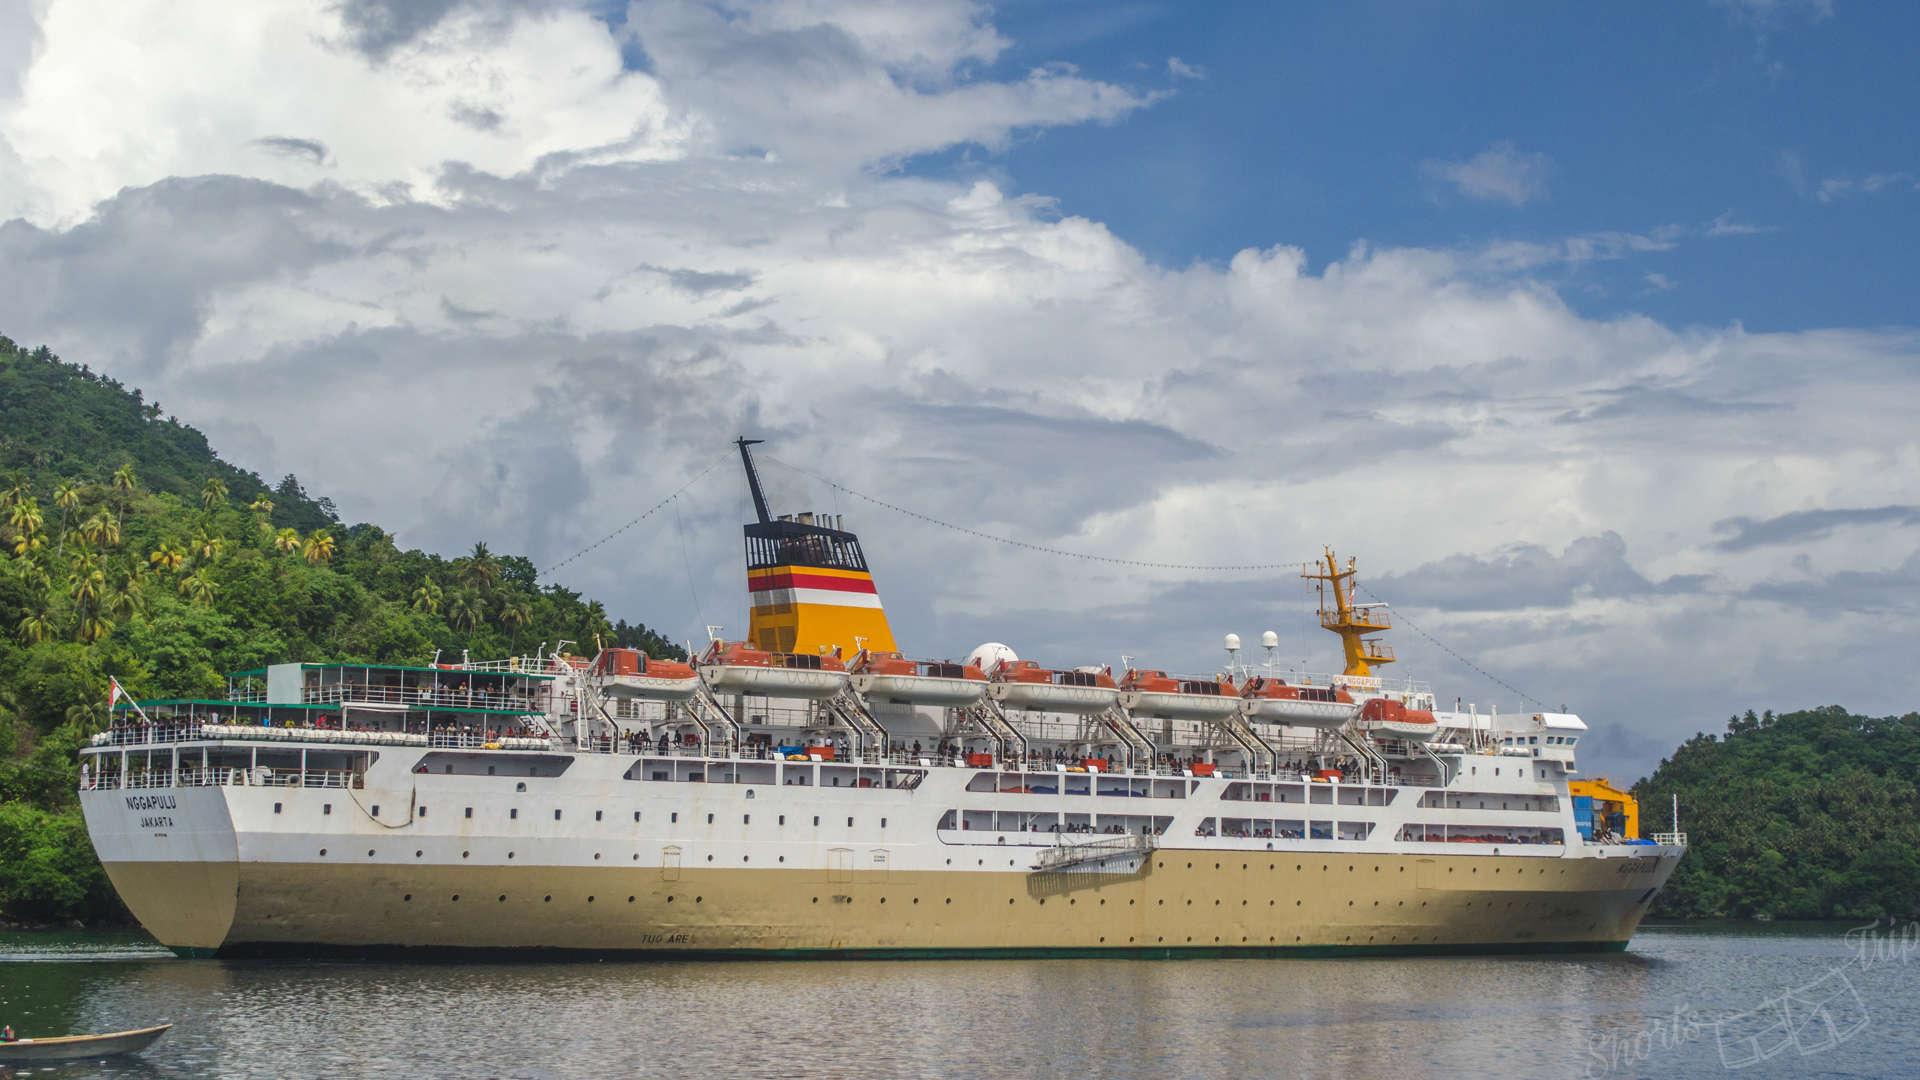 Pelni boat Ngapulluh, pelni experience, pelni bau-bau, pelni vessel, pelni boat, pelni ship